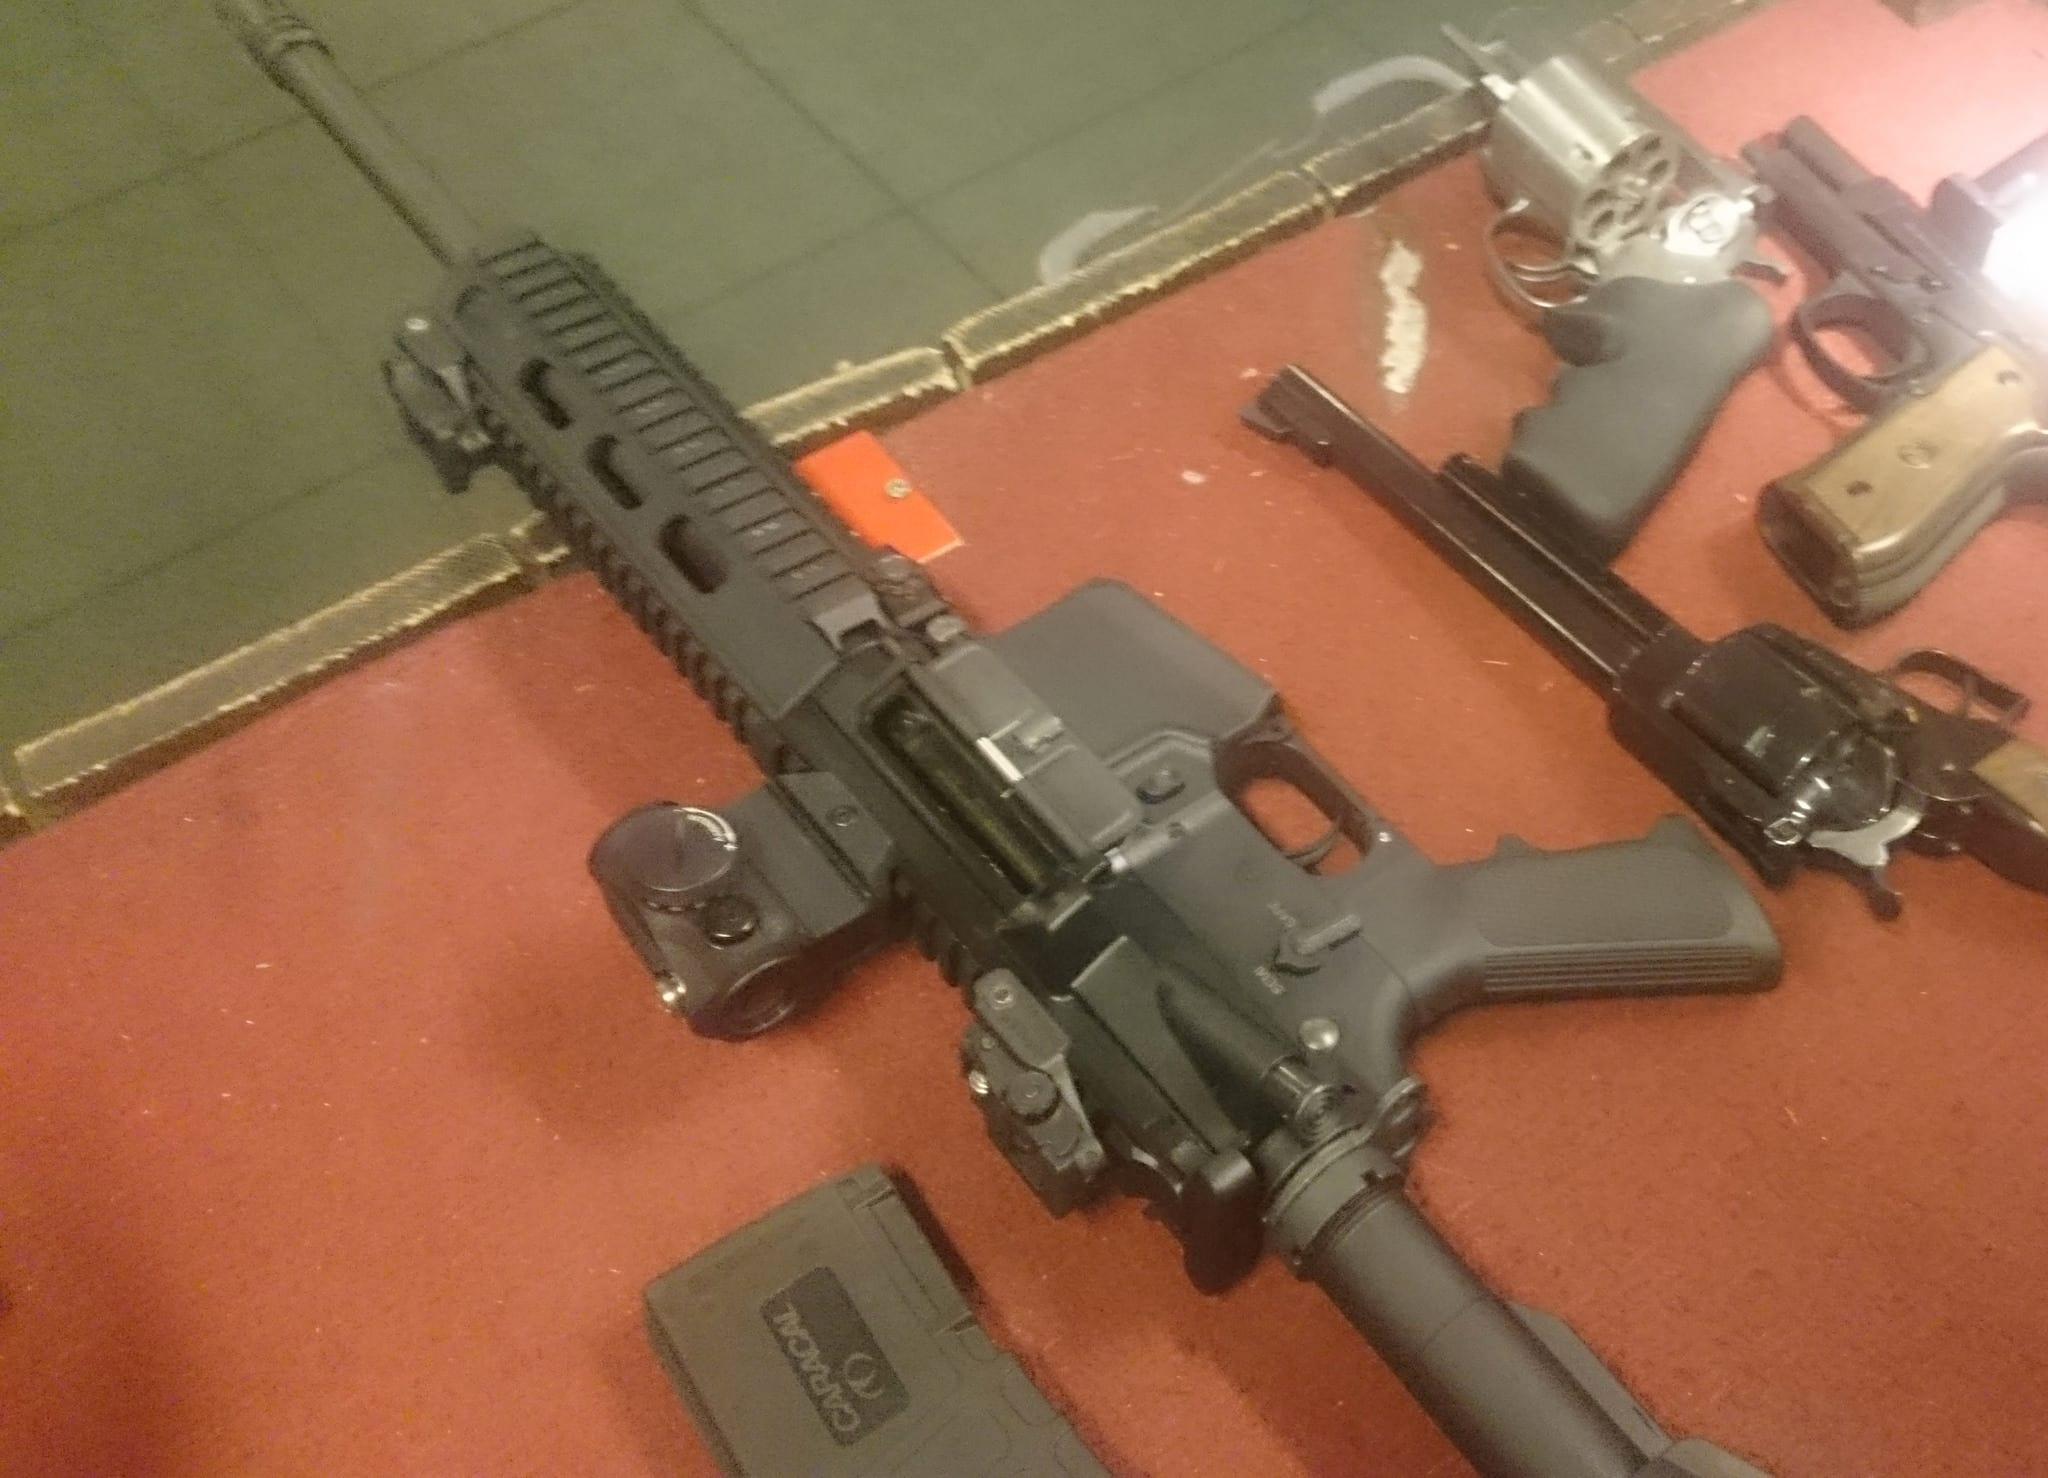 Om EU nu förbjuder vissa vapen står andra på tur nästa gång man vill skärpa vapenlagarna. Därför måste vi agera tillsammans, skriver debattören. Foto: Jan Henricson